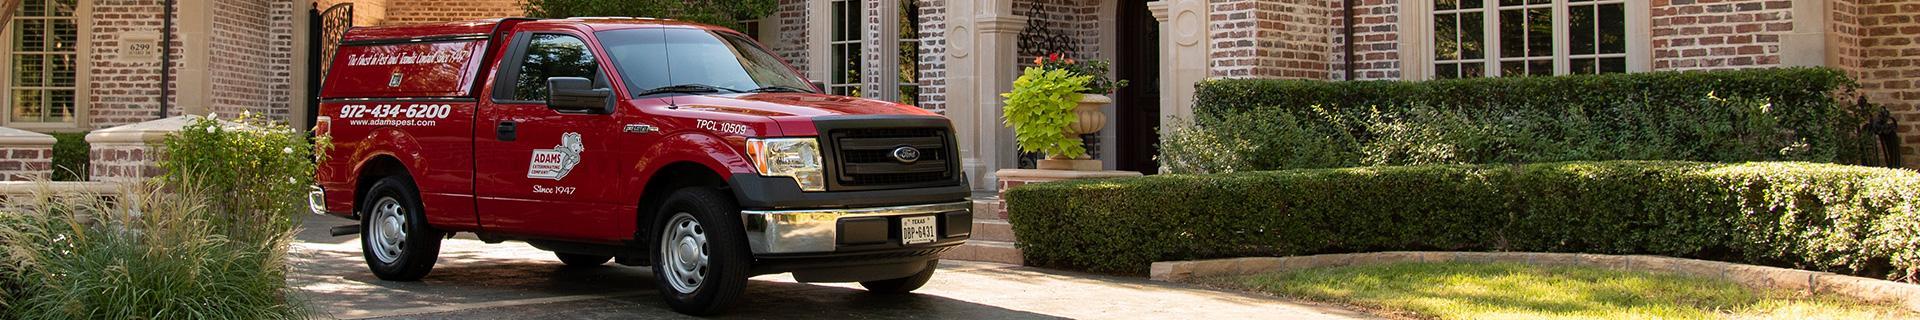 adams pest control's truck in grapevine tx